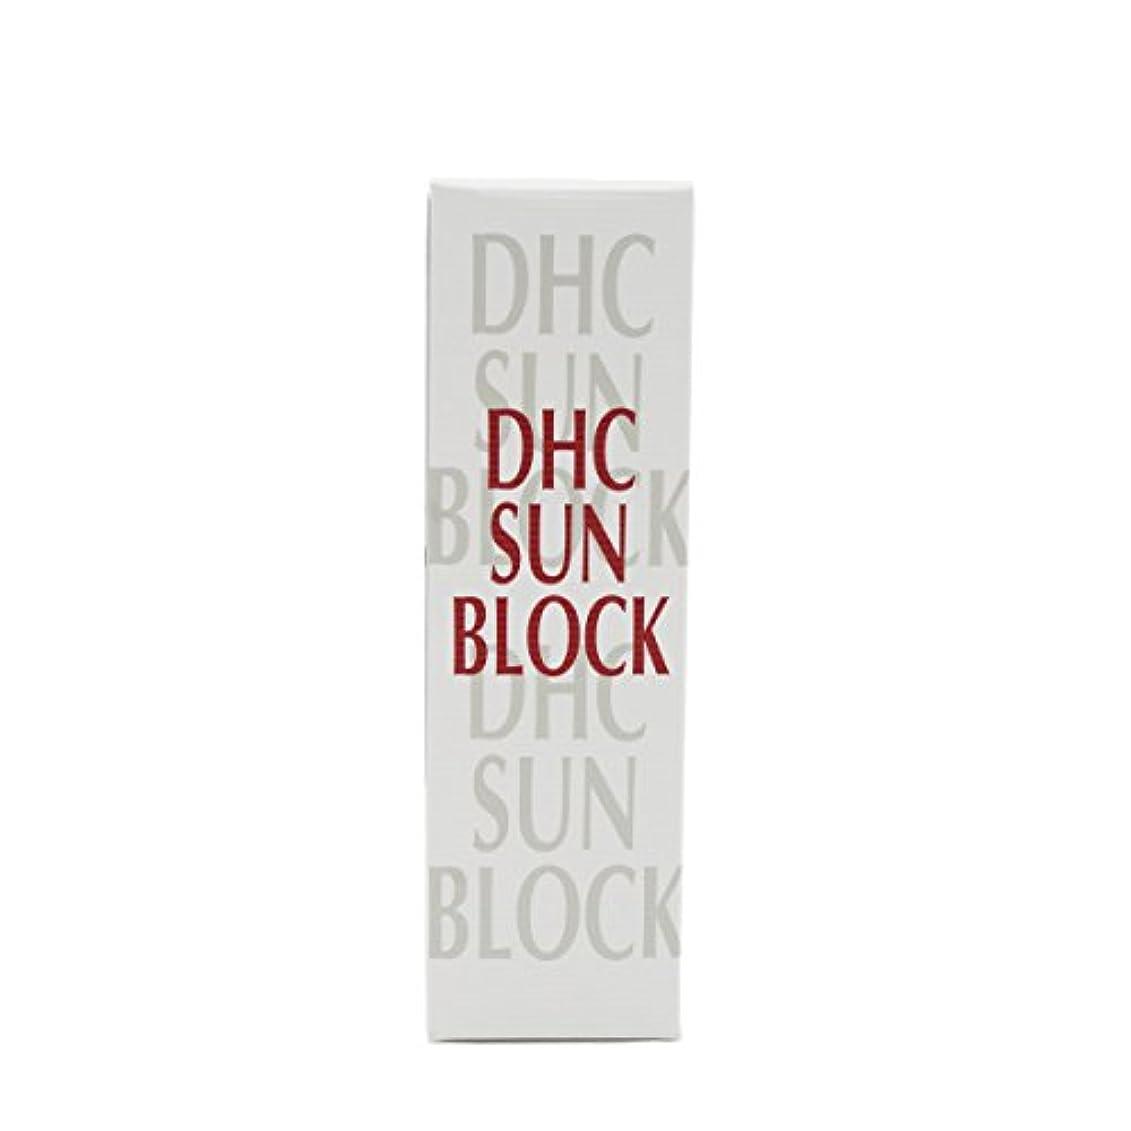 窓を洗う旅行者米国【医薬部外品】 DHC薬用サンブロック